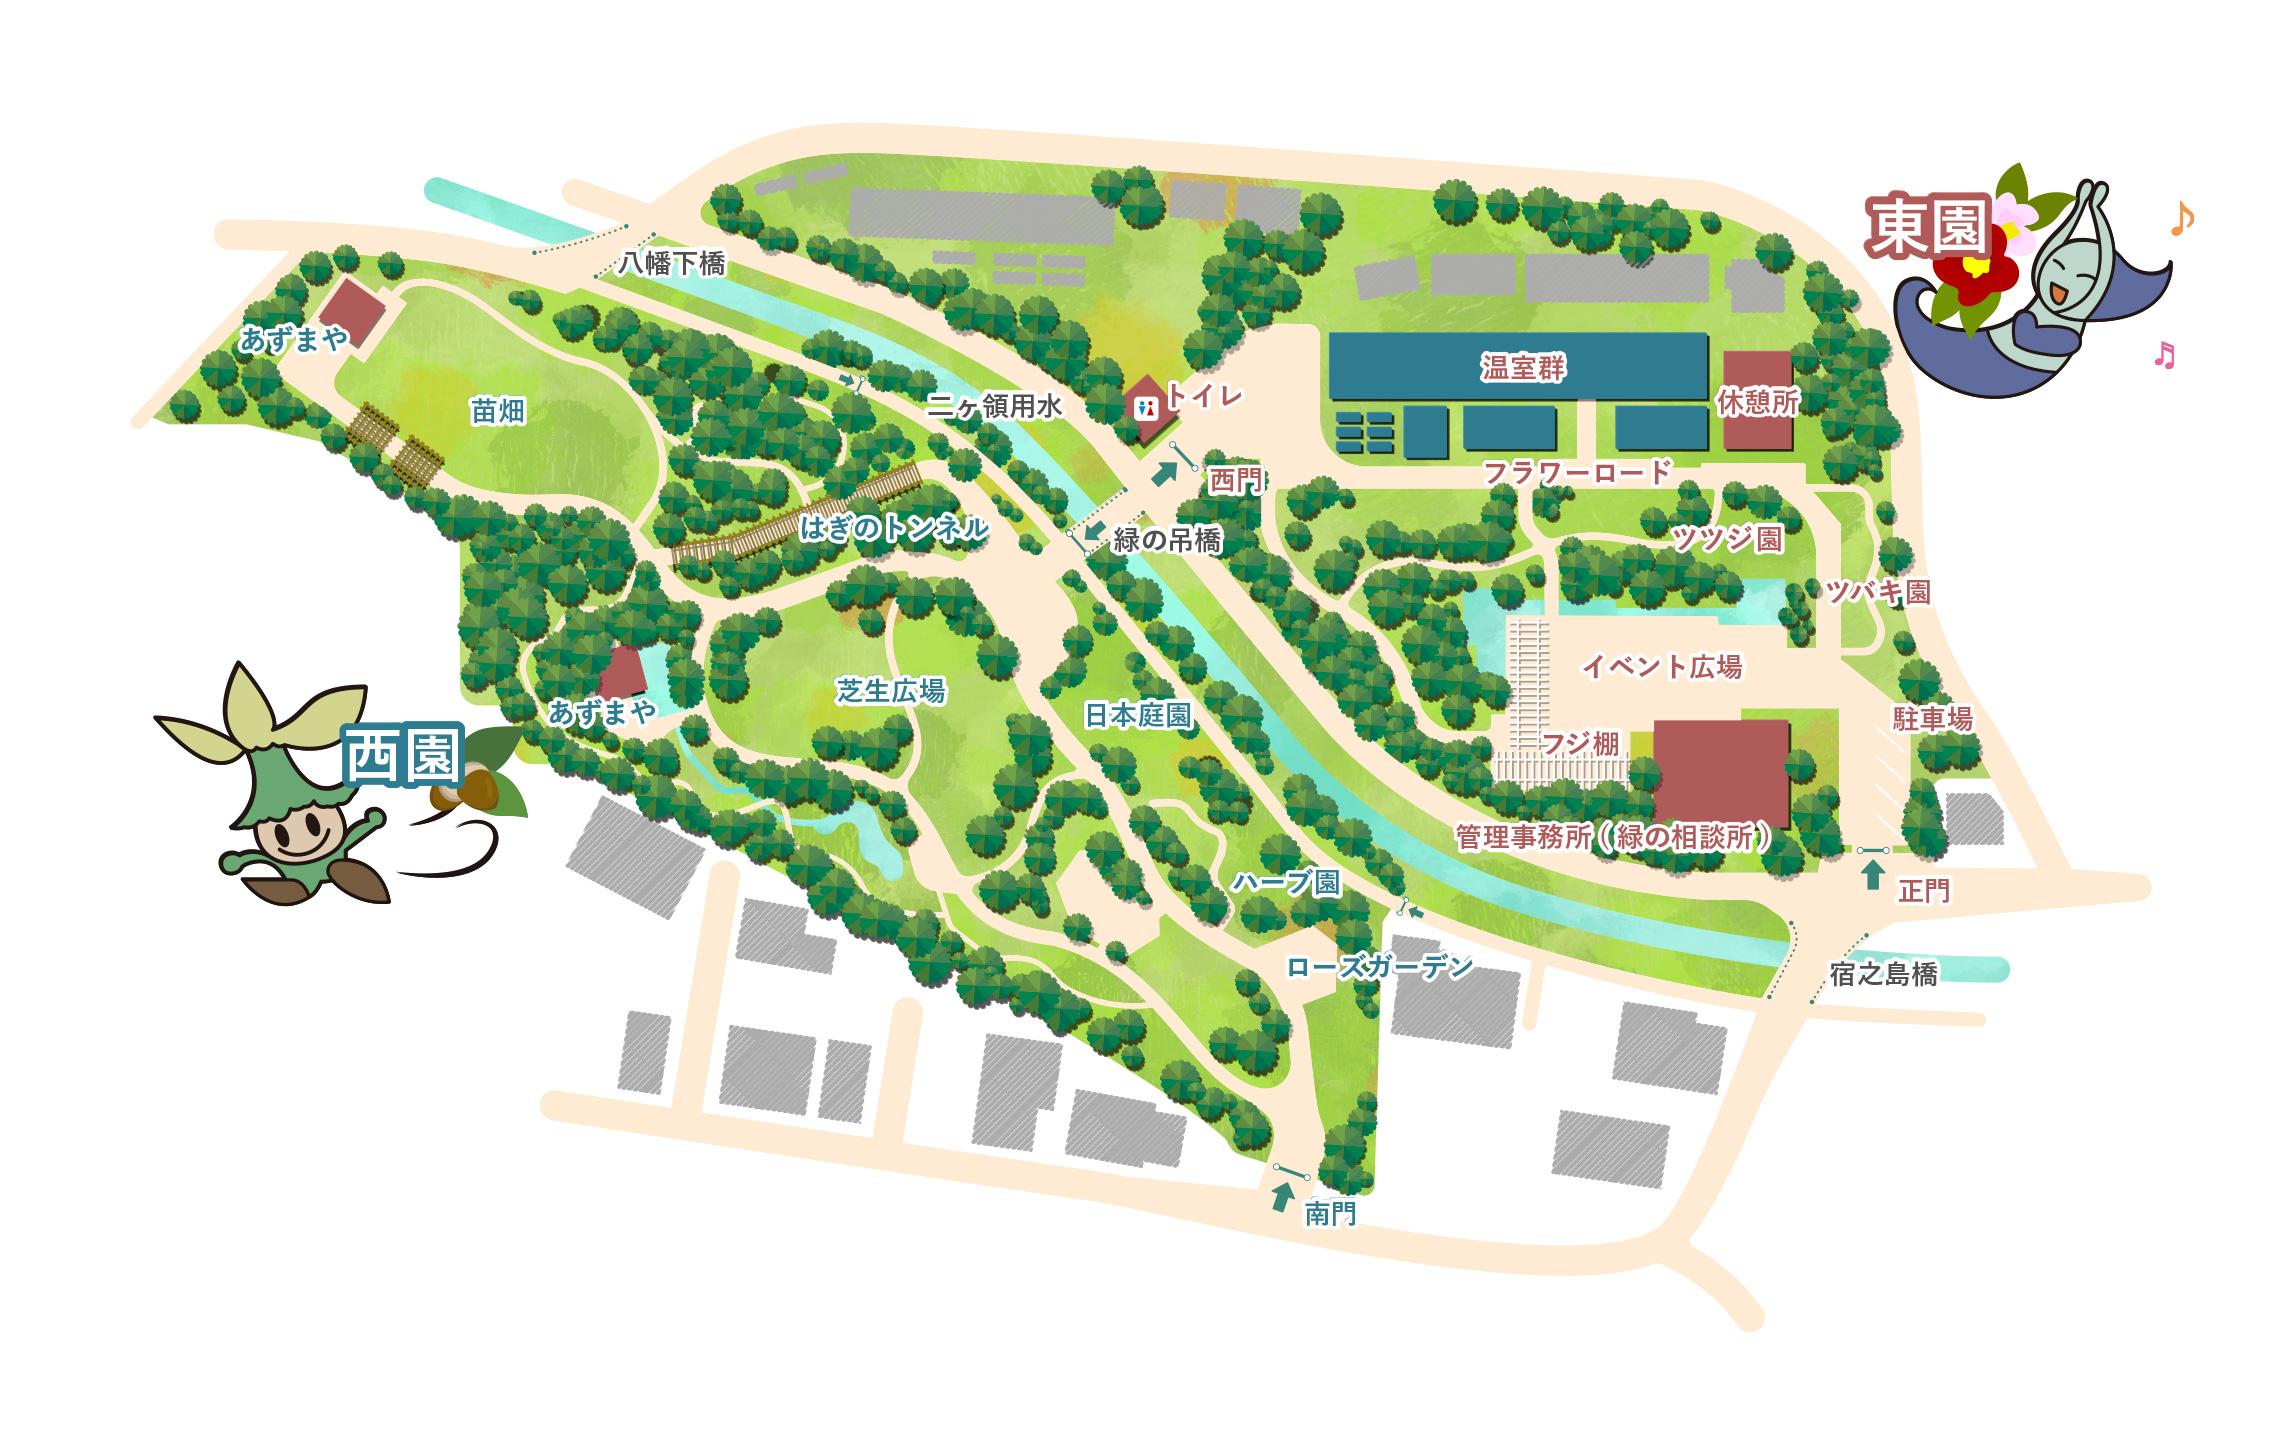 東園には管理事務所、フジ棚、催し物広場、ツバキ園、ツツジ園、フラワーロード、休憩所、温室群、があり、 西園には、ローズガーデン、ハーブ園、日本庭園、芝生広場、はぎのトンネル、あずまや、苗畑があります。